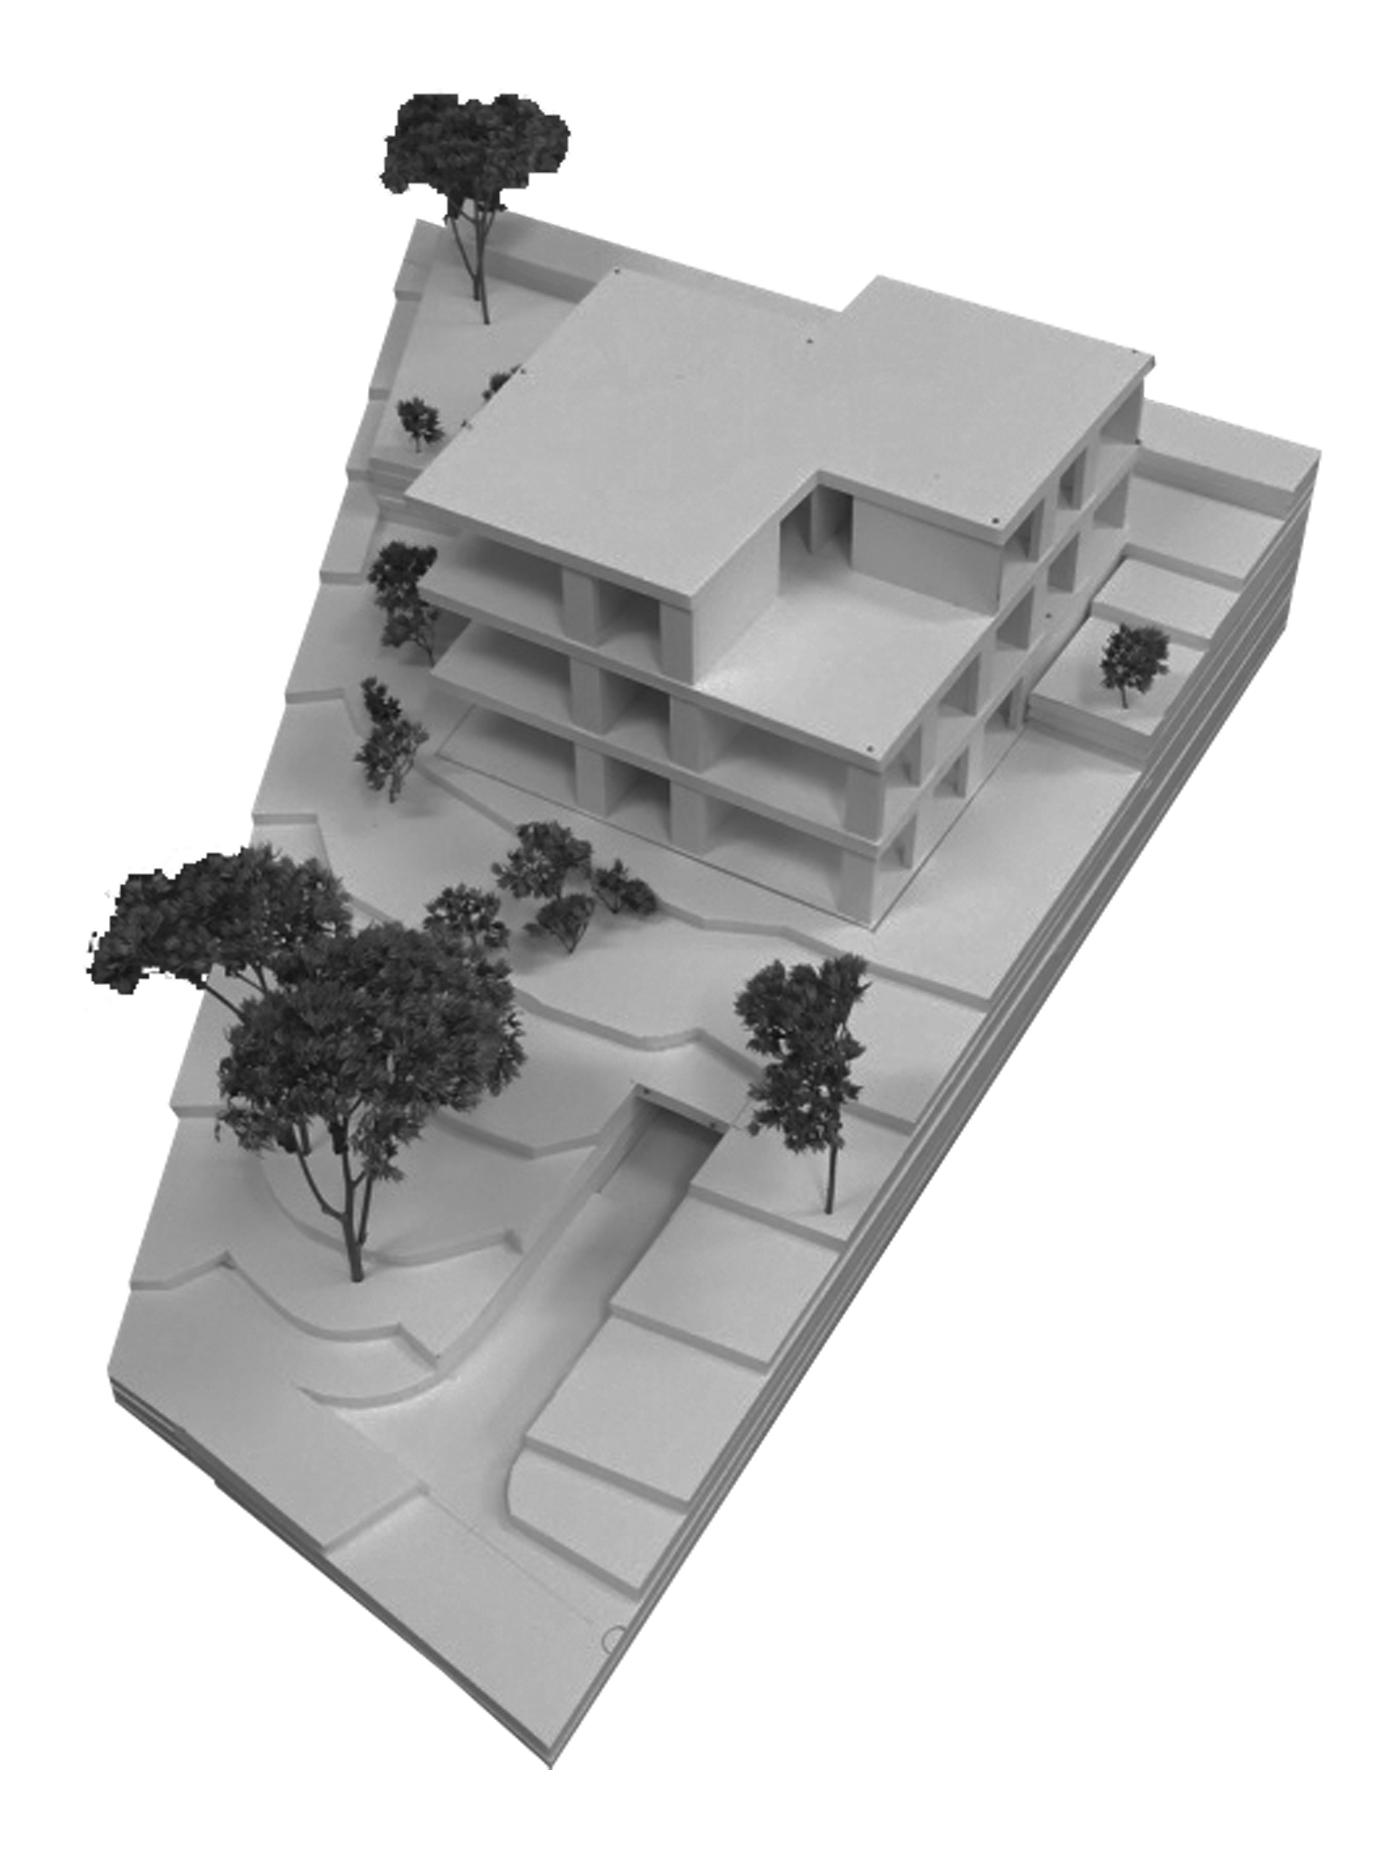 buan architekten – Wohnhaus Nelkenstrasse Emmen – Vogelperspektive Modell